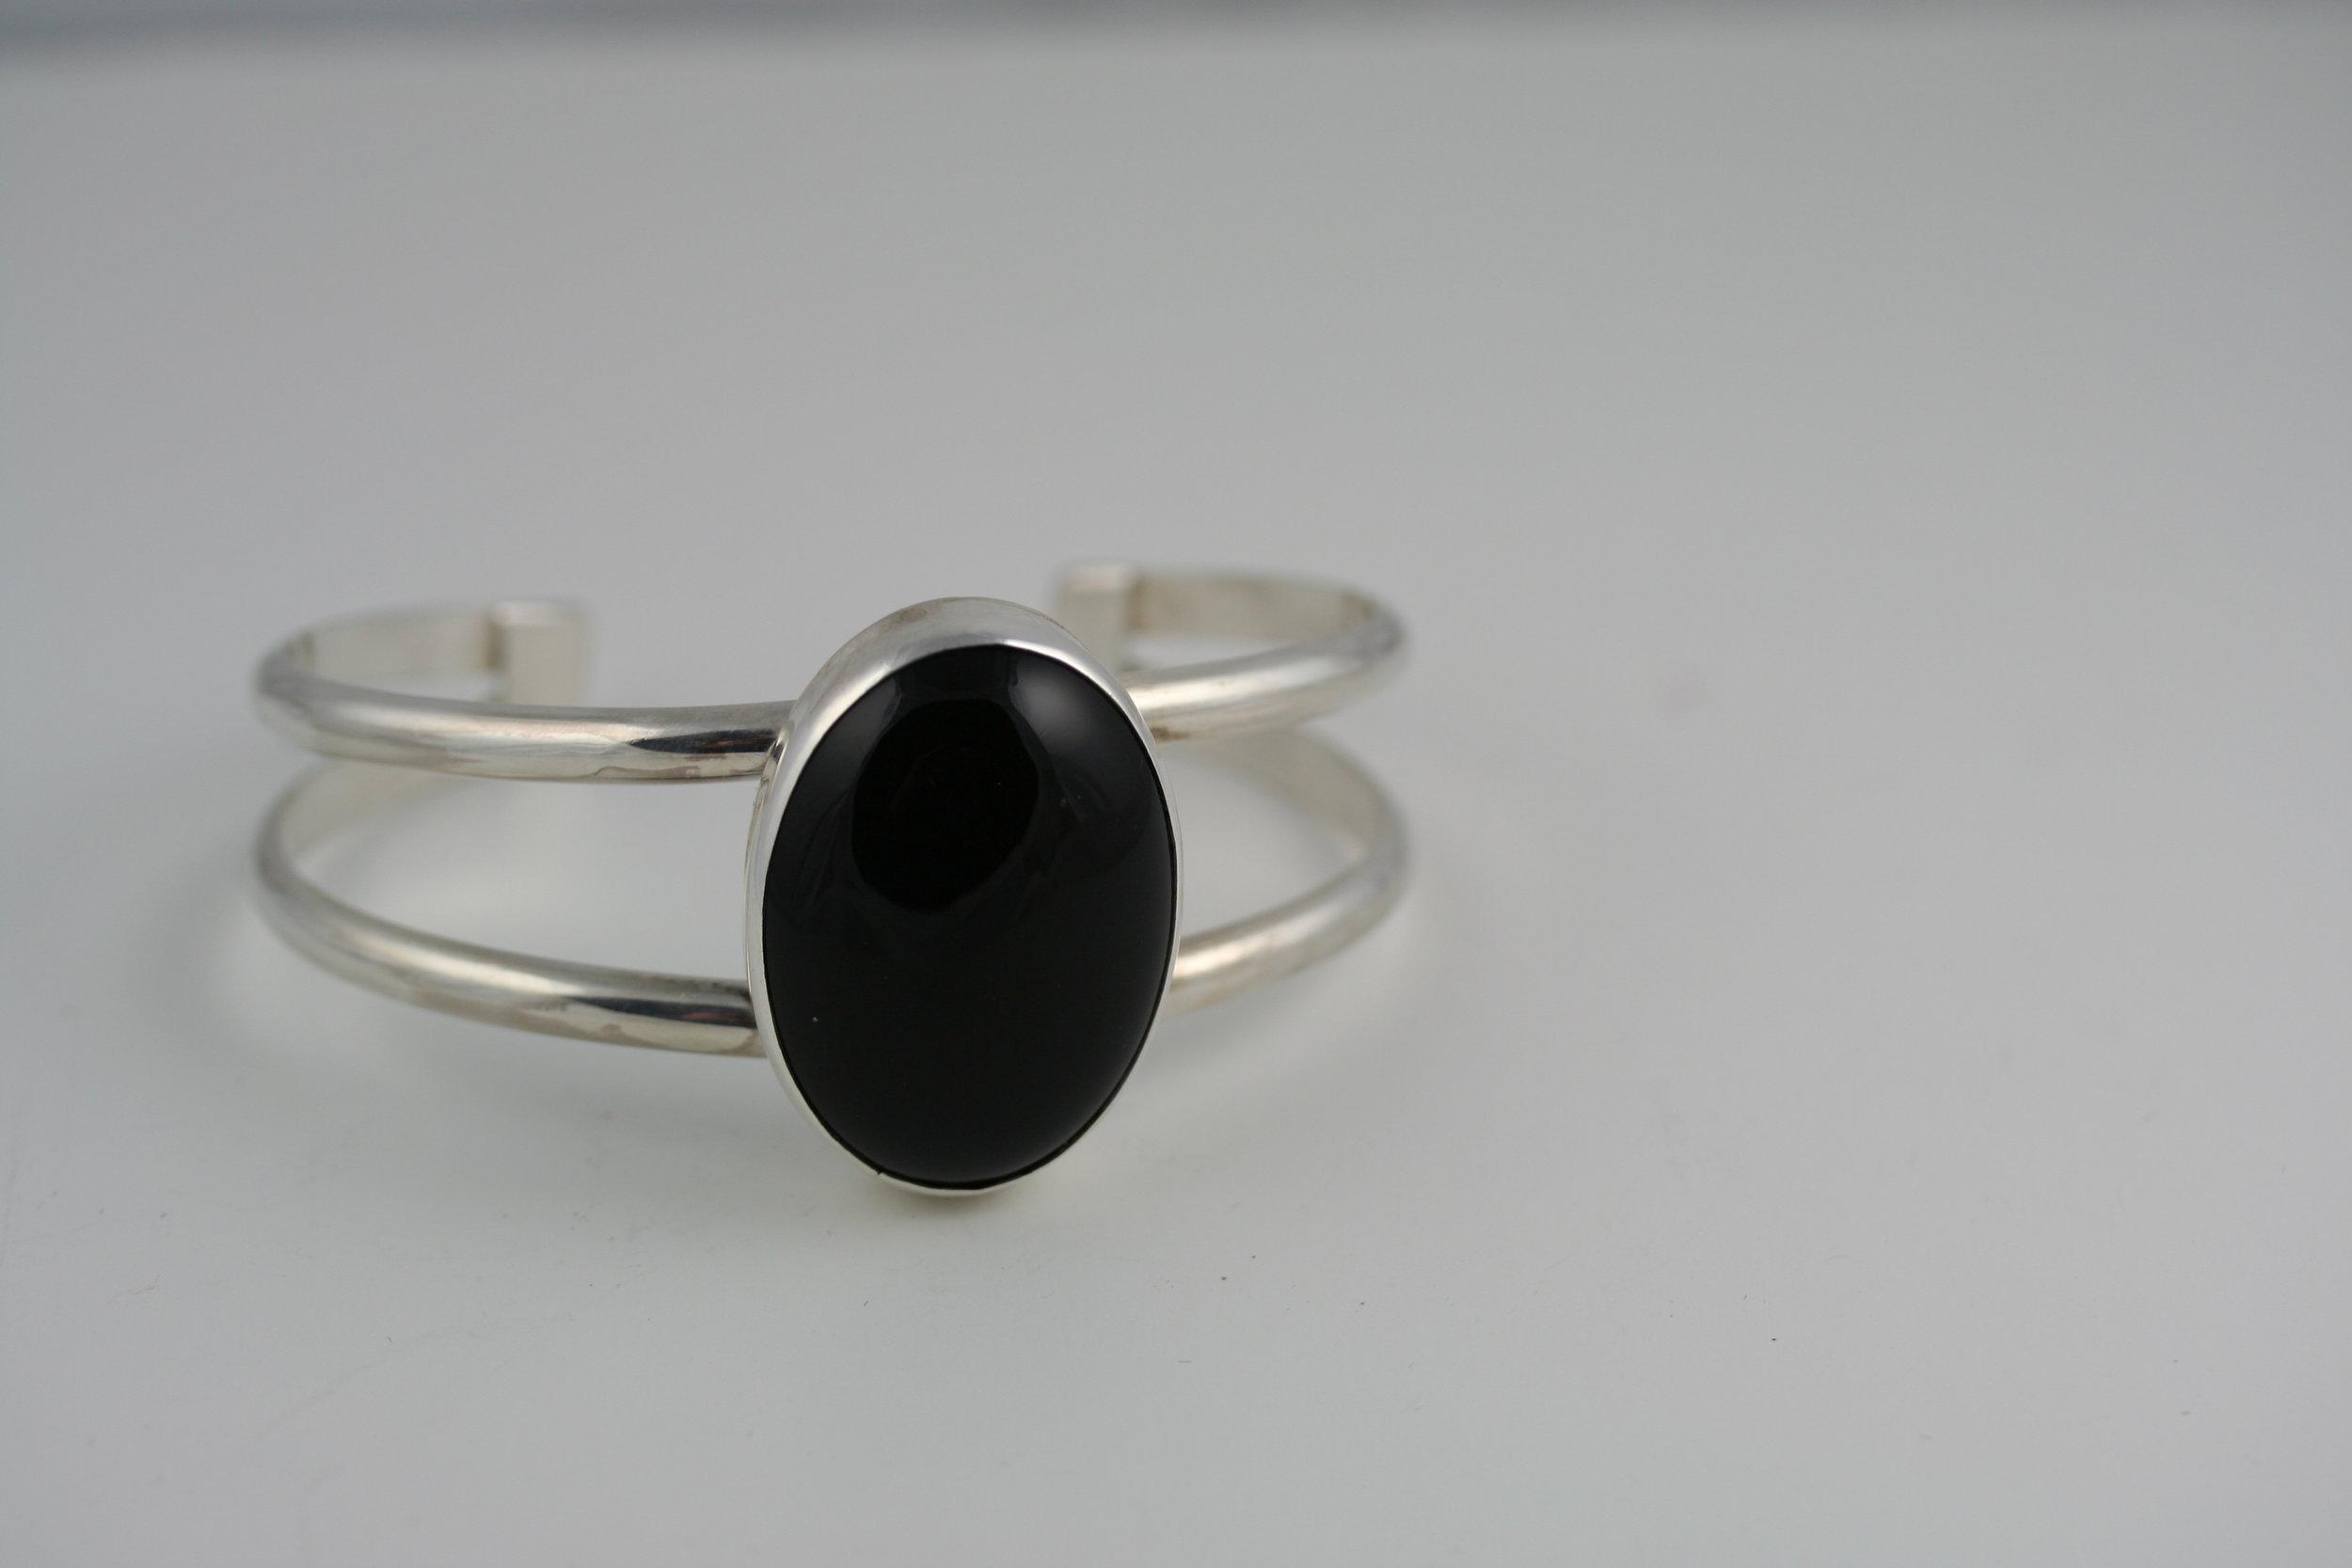 jewelry 005.JPG